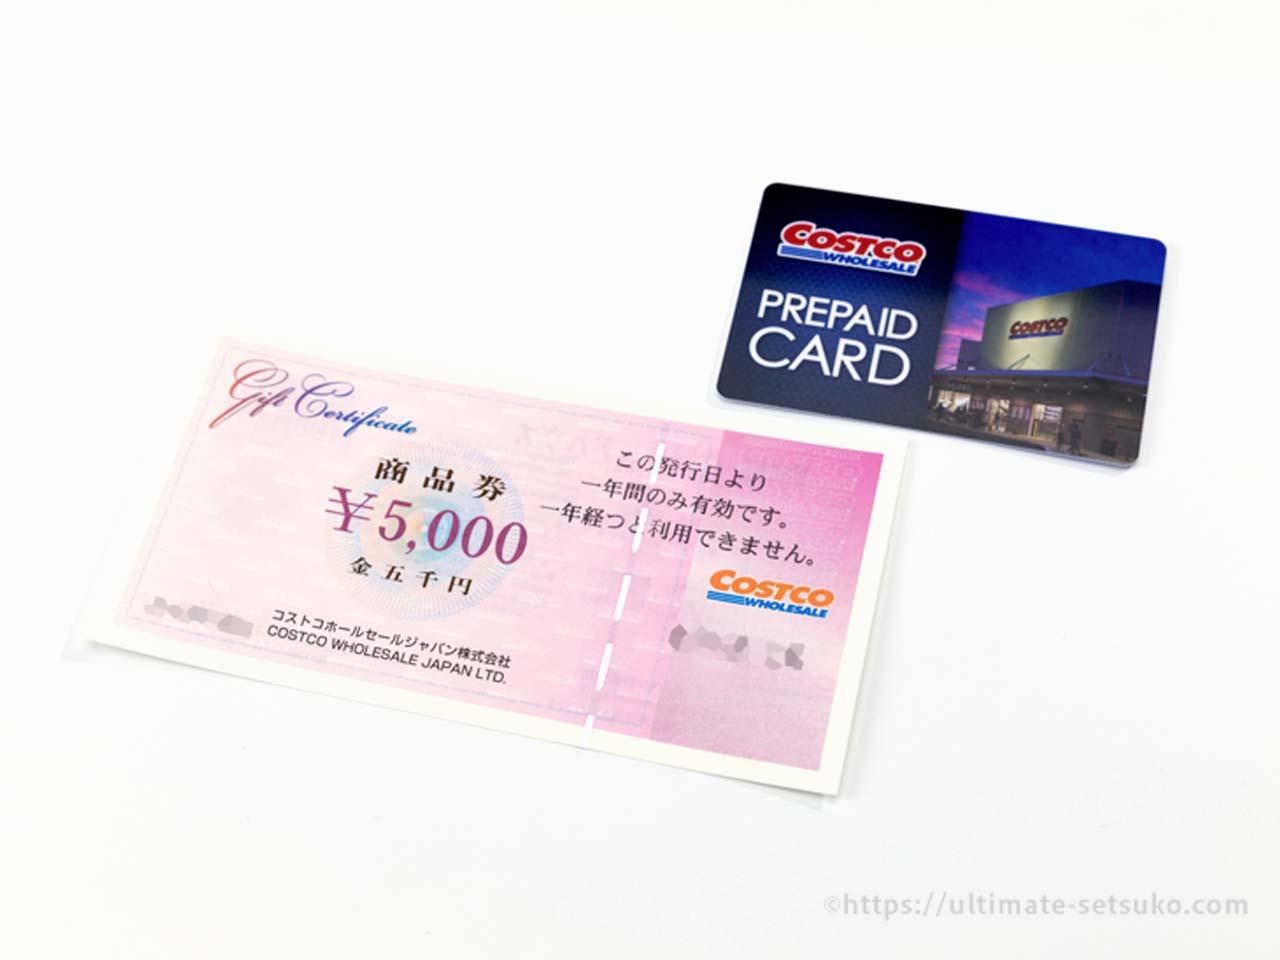 コストコの商品券・プリペイドカード